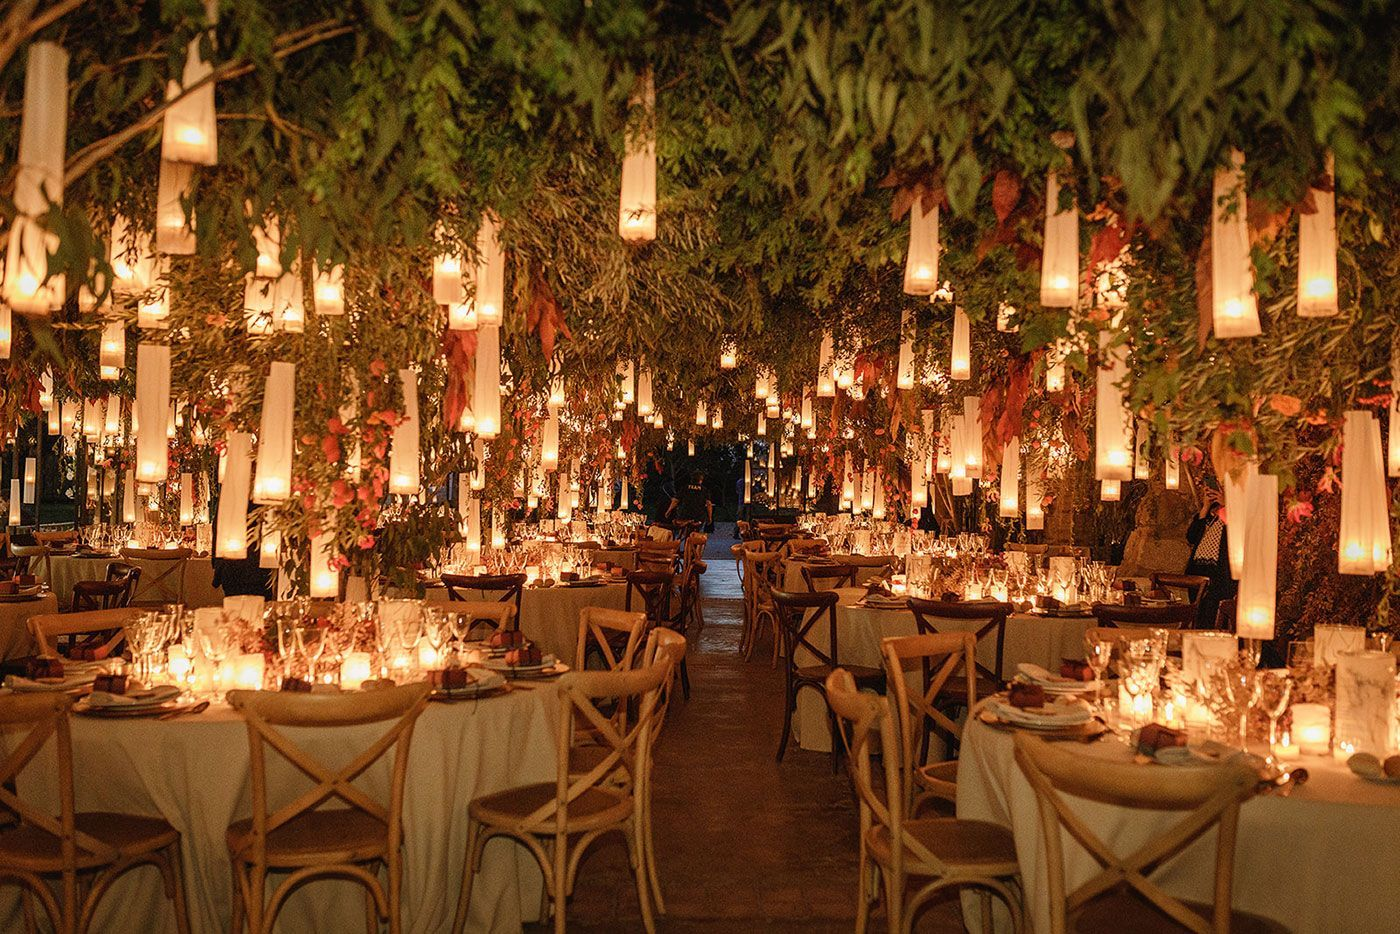 Cortal Gran Wedding Venue, Catalonia